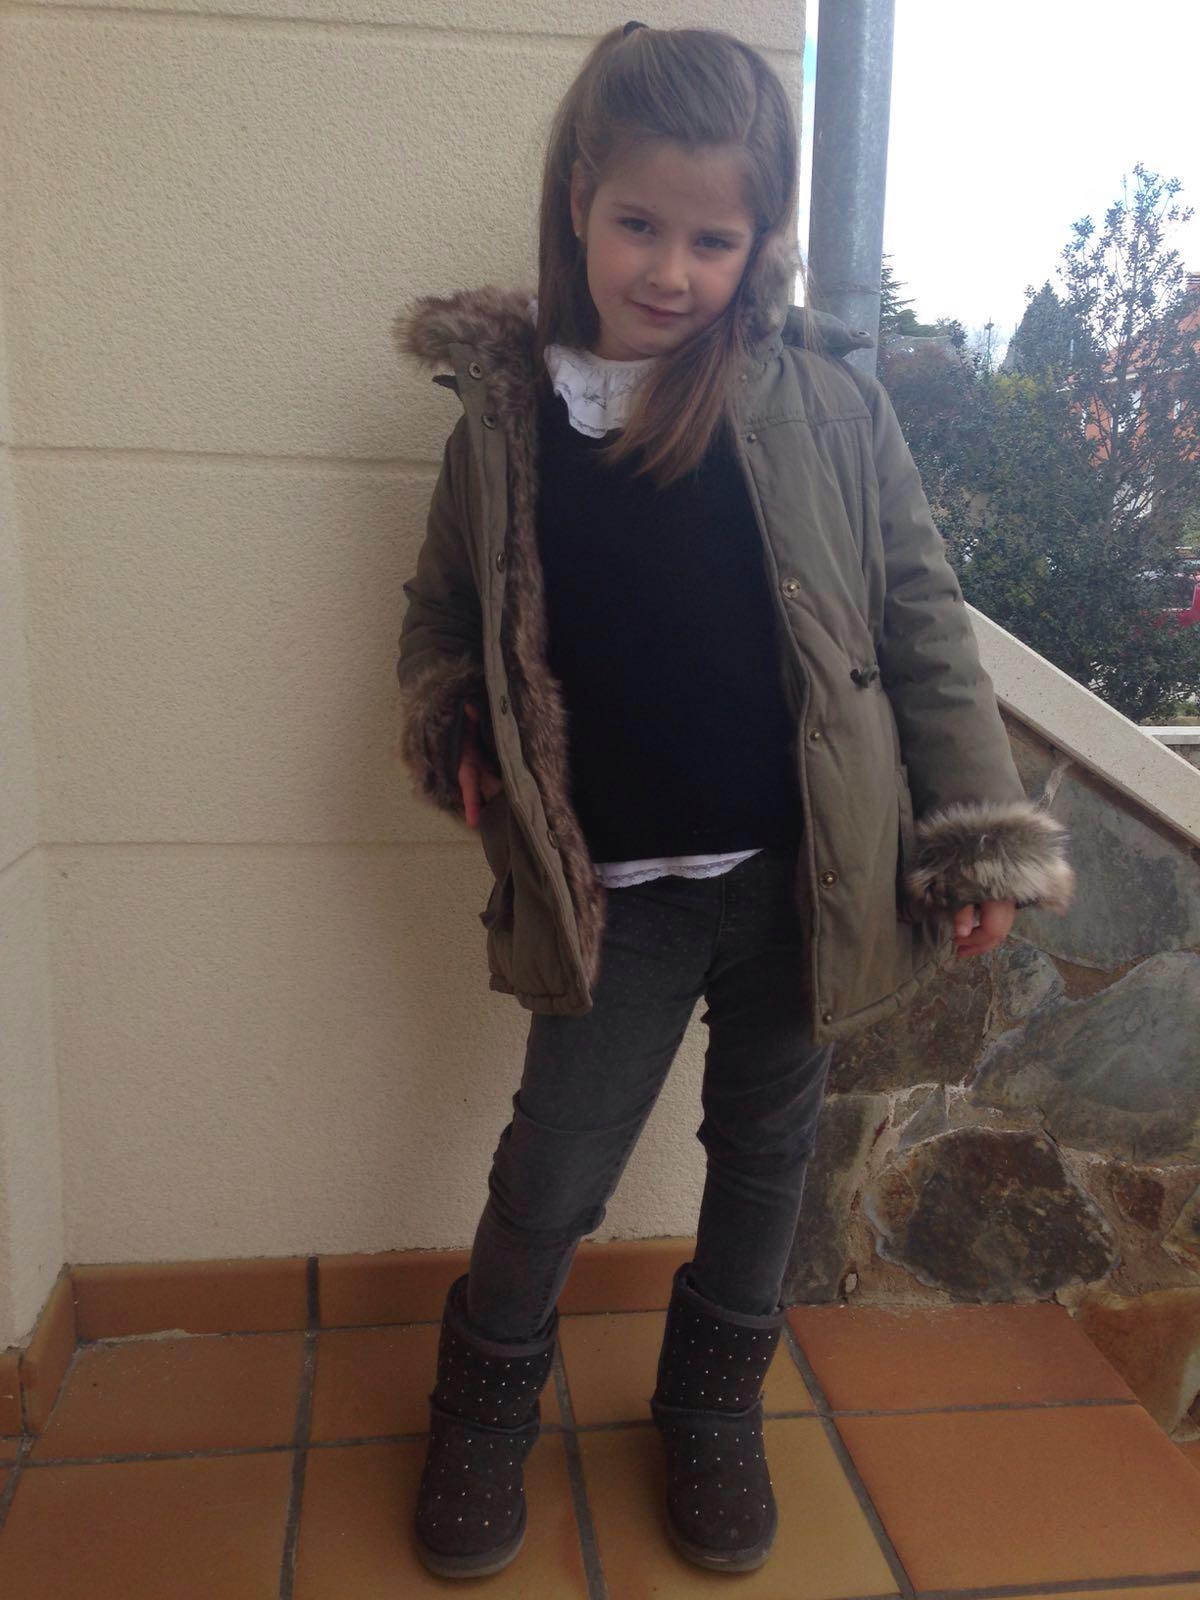 Paula con un look de sport y muy abrigada que por León hace frió de verdad...